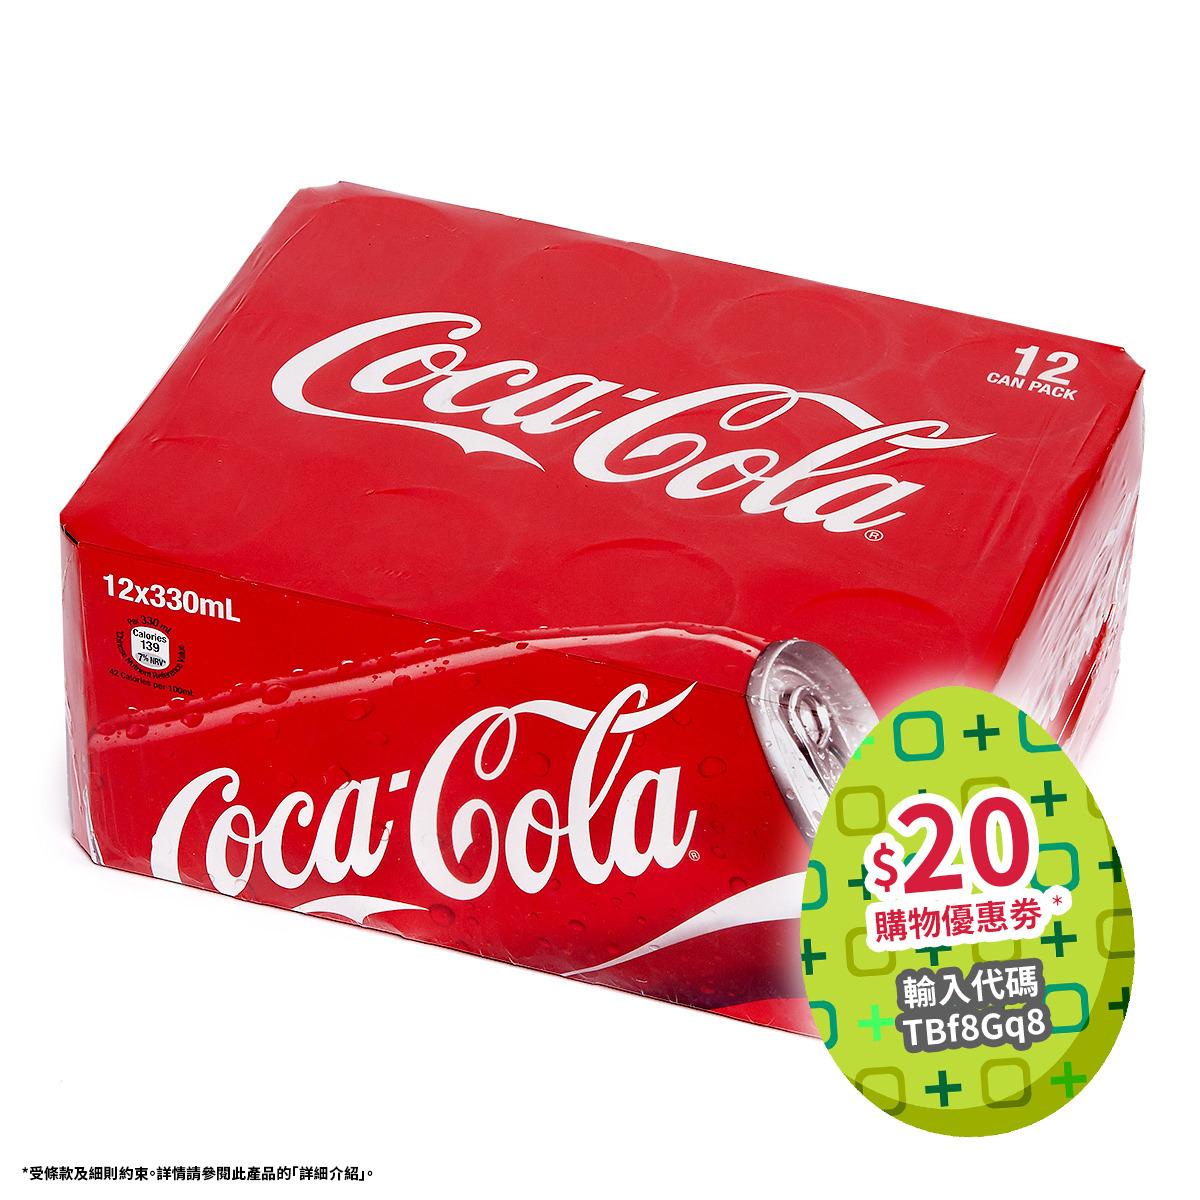 「內含彩蛋」可口可樂 (罐裝)